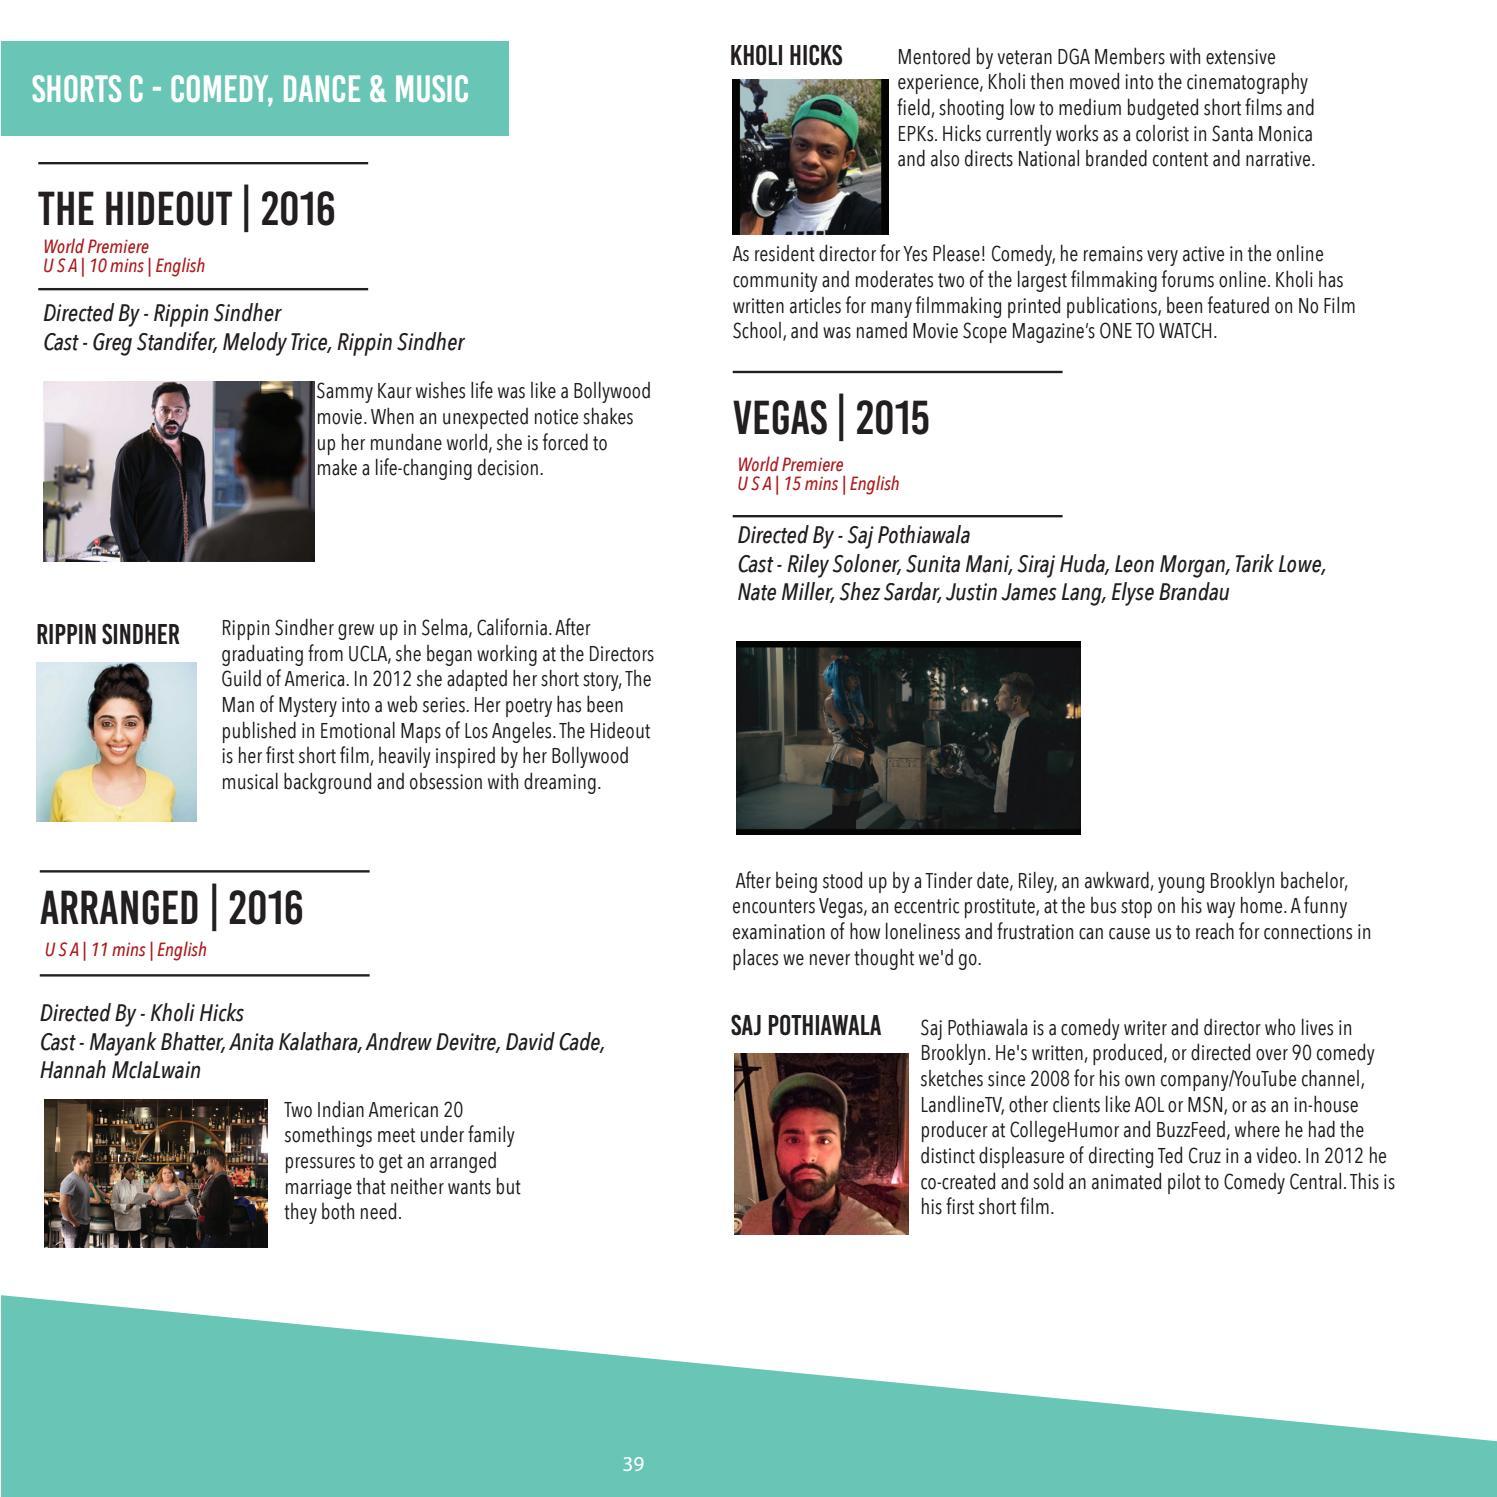 NYIFF 2017 Festival Guide by Achala Ganesan - issuu